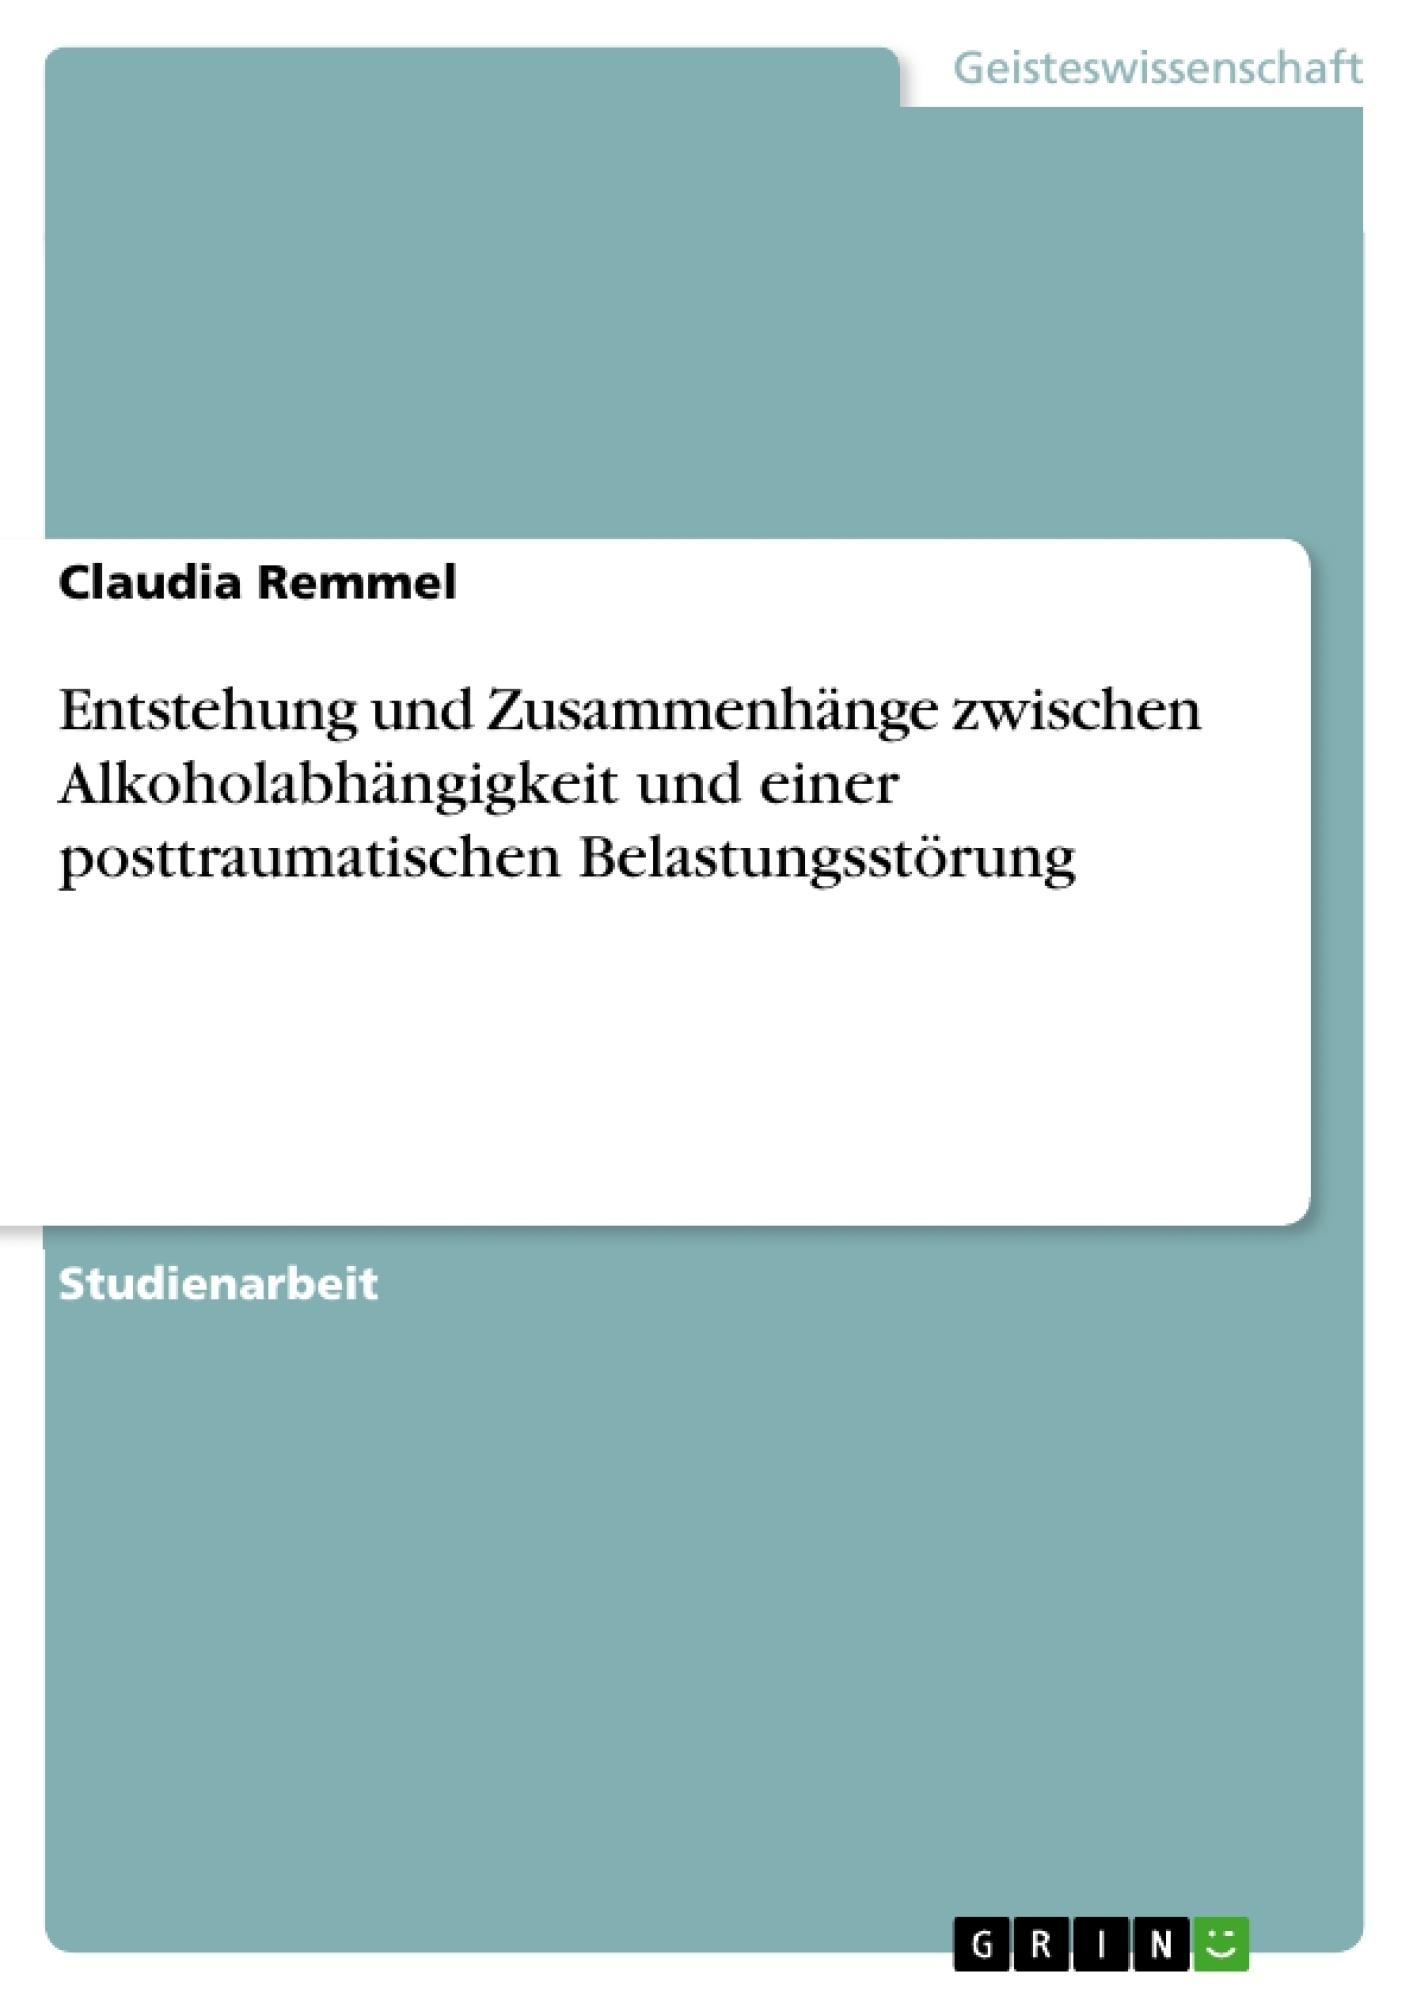 Titel: Entstehung und Zusammenhänge zwischen Alkoholabhängigkeit und einer posttraumatischen Belastungsstörung